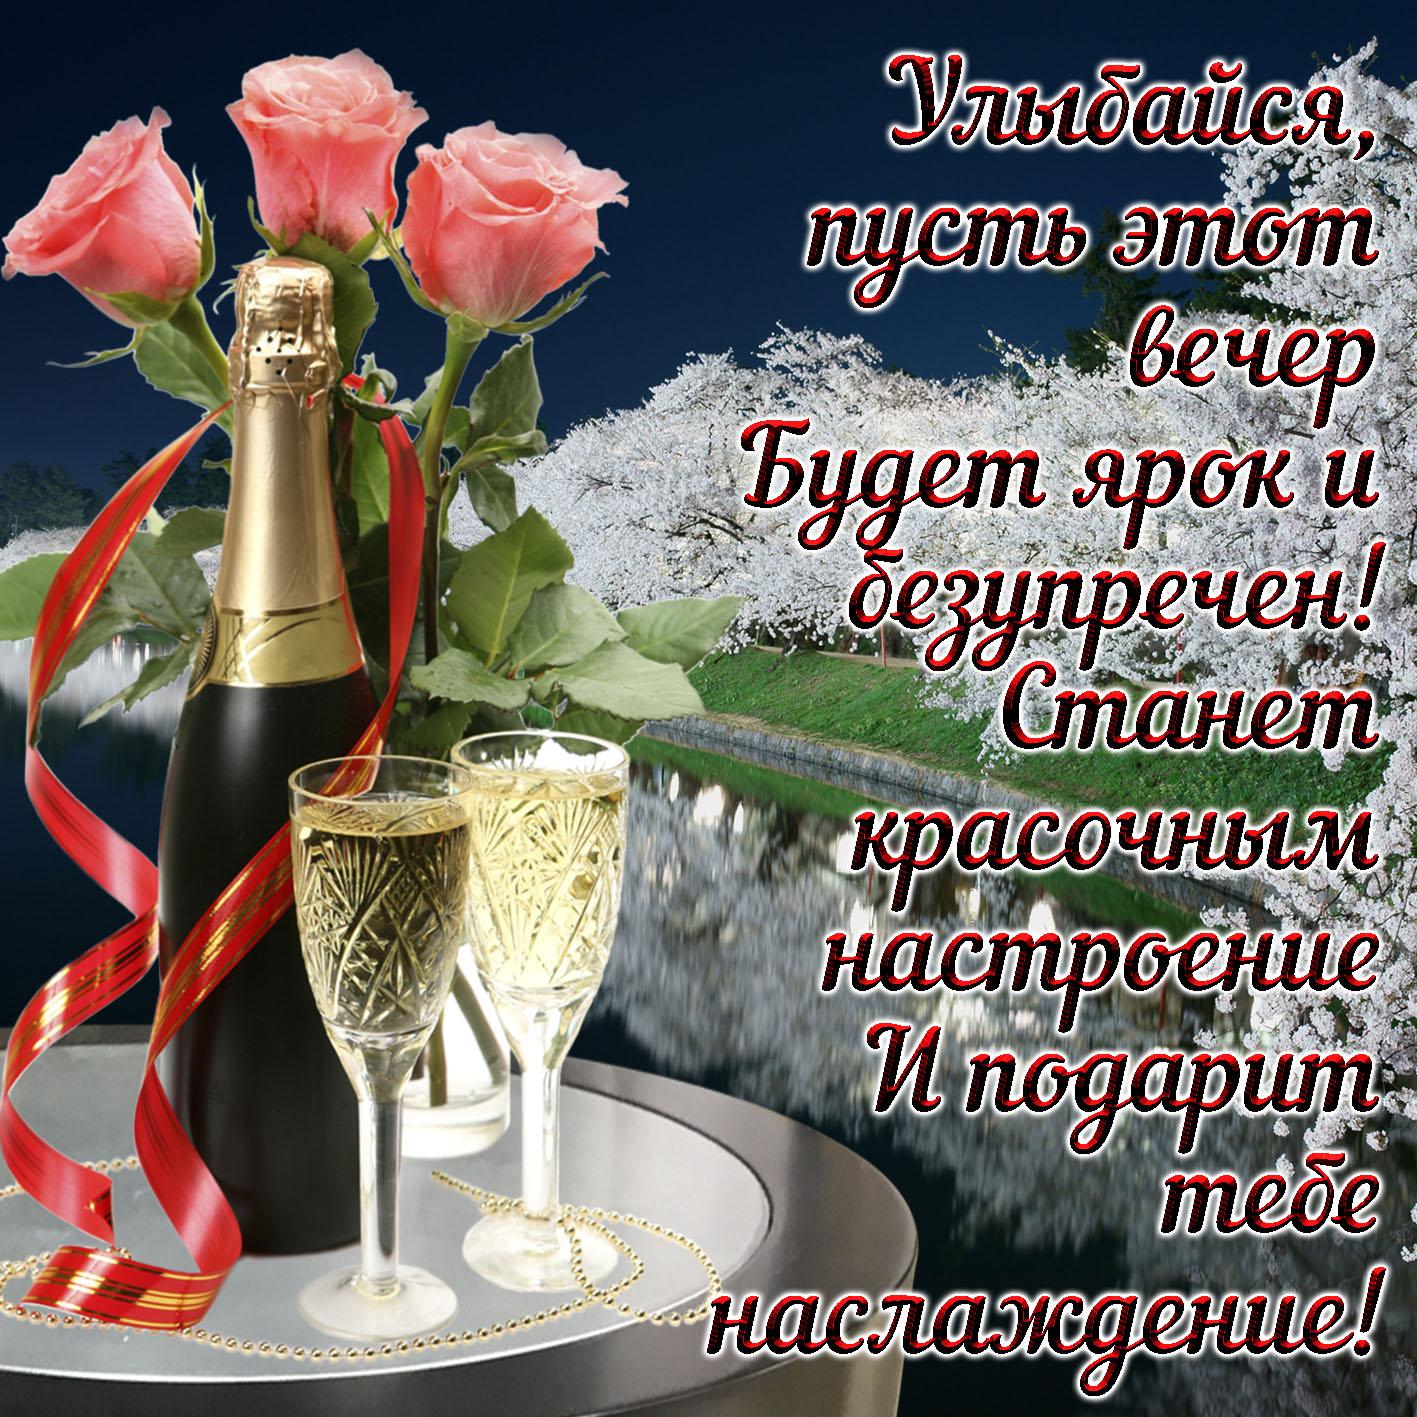 Открытка - шампанское и розы для безупречного вечера